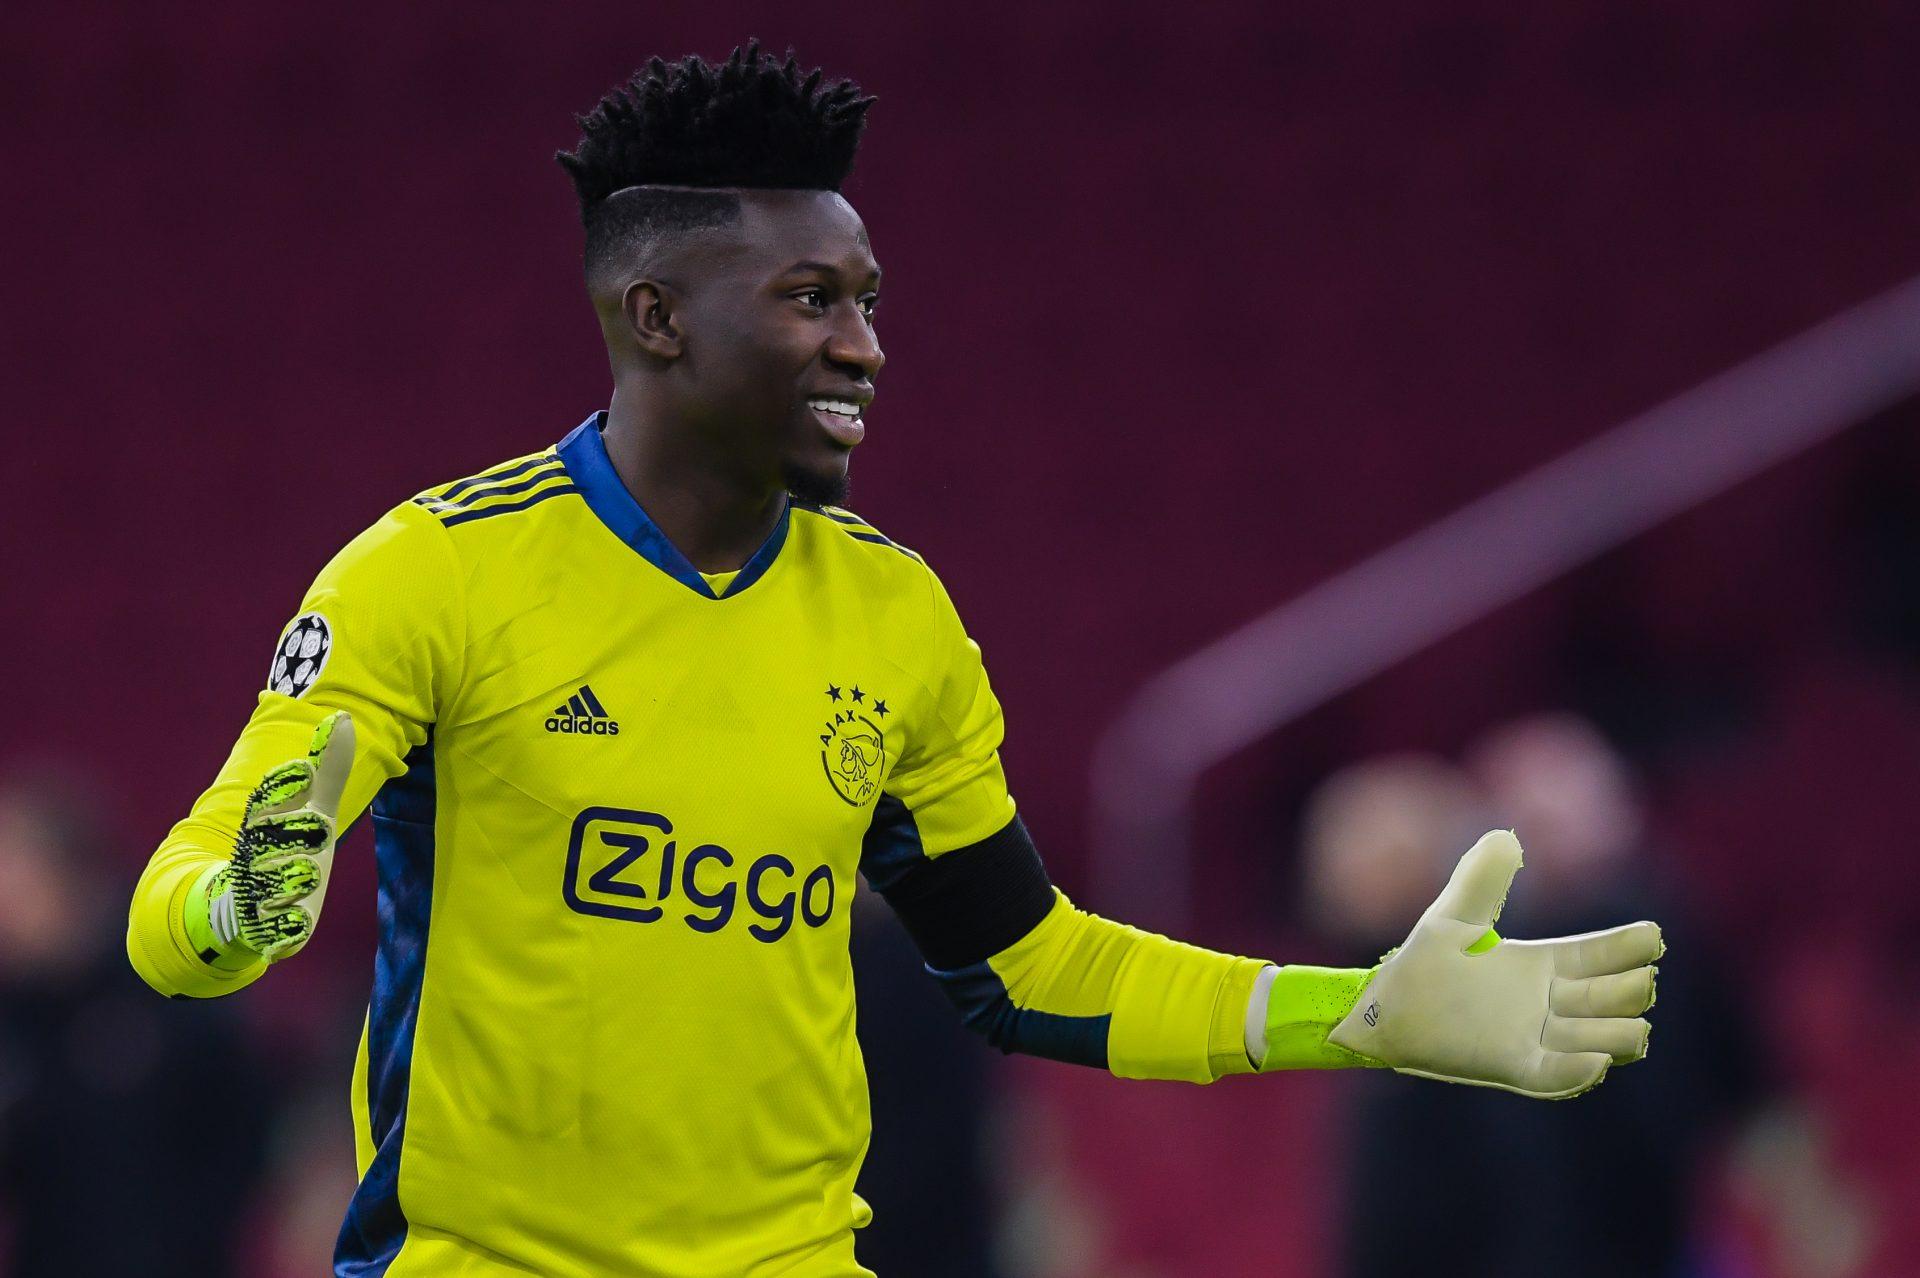 Zaak-Onana: 'Als de pillen zo erg op elkaar lijken, waarom heeft Ajax er dan geen foto's van naar buiten gebracht?' - Sportnieuws.nl